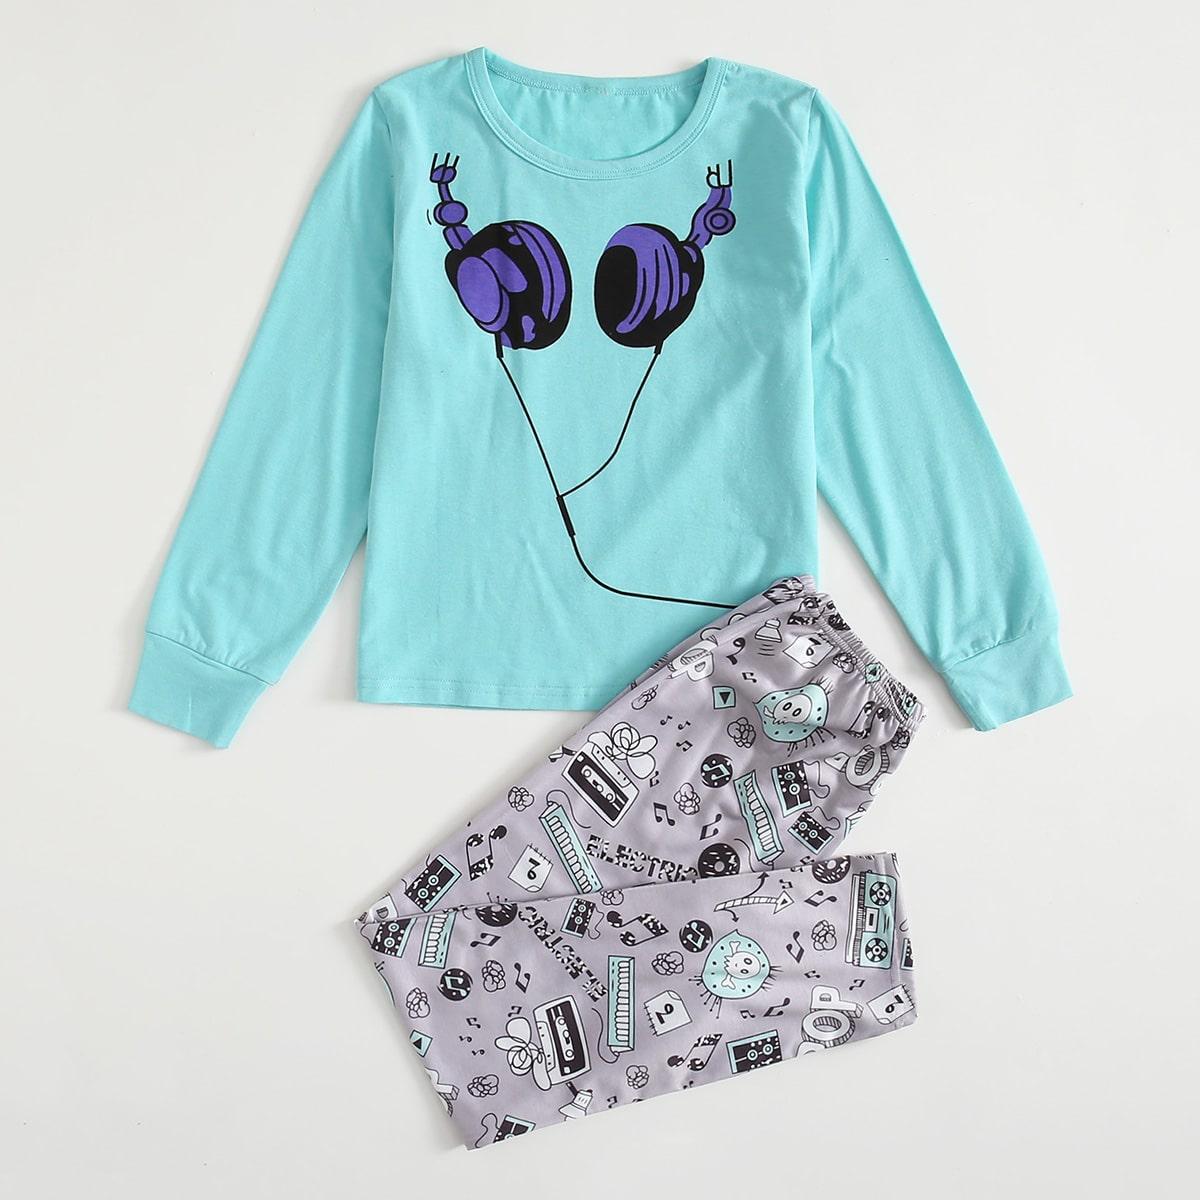 Пижама с текстовым узором для девочек